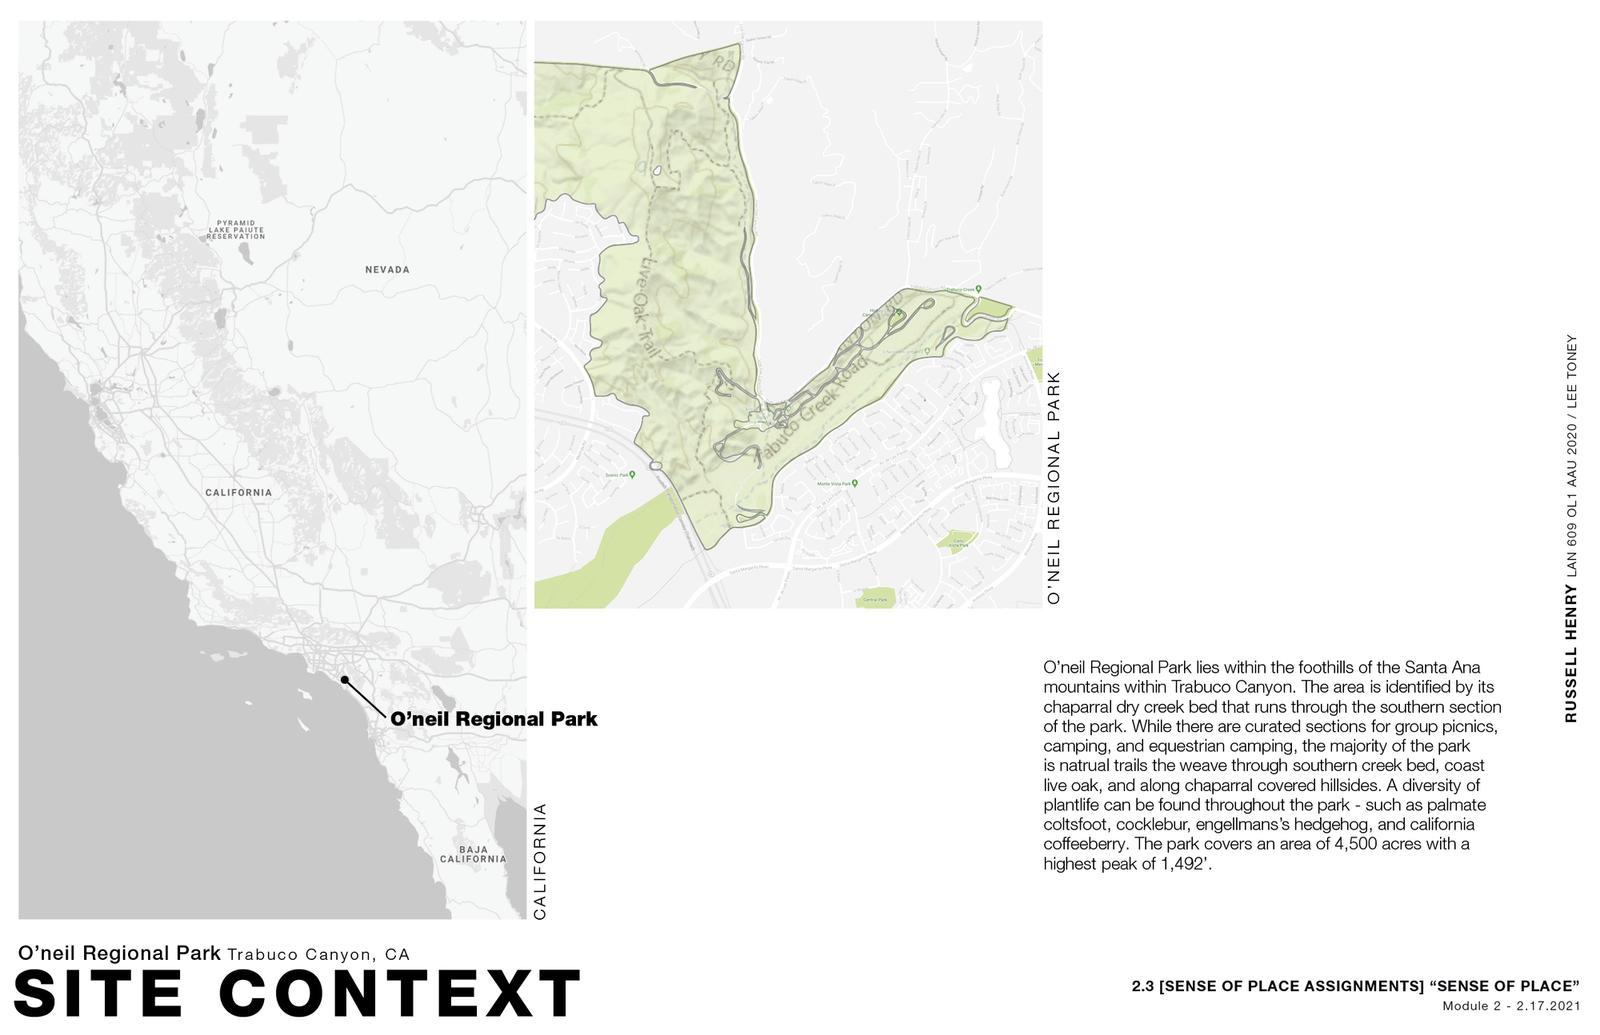 Sense of Place - Site Context